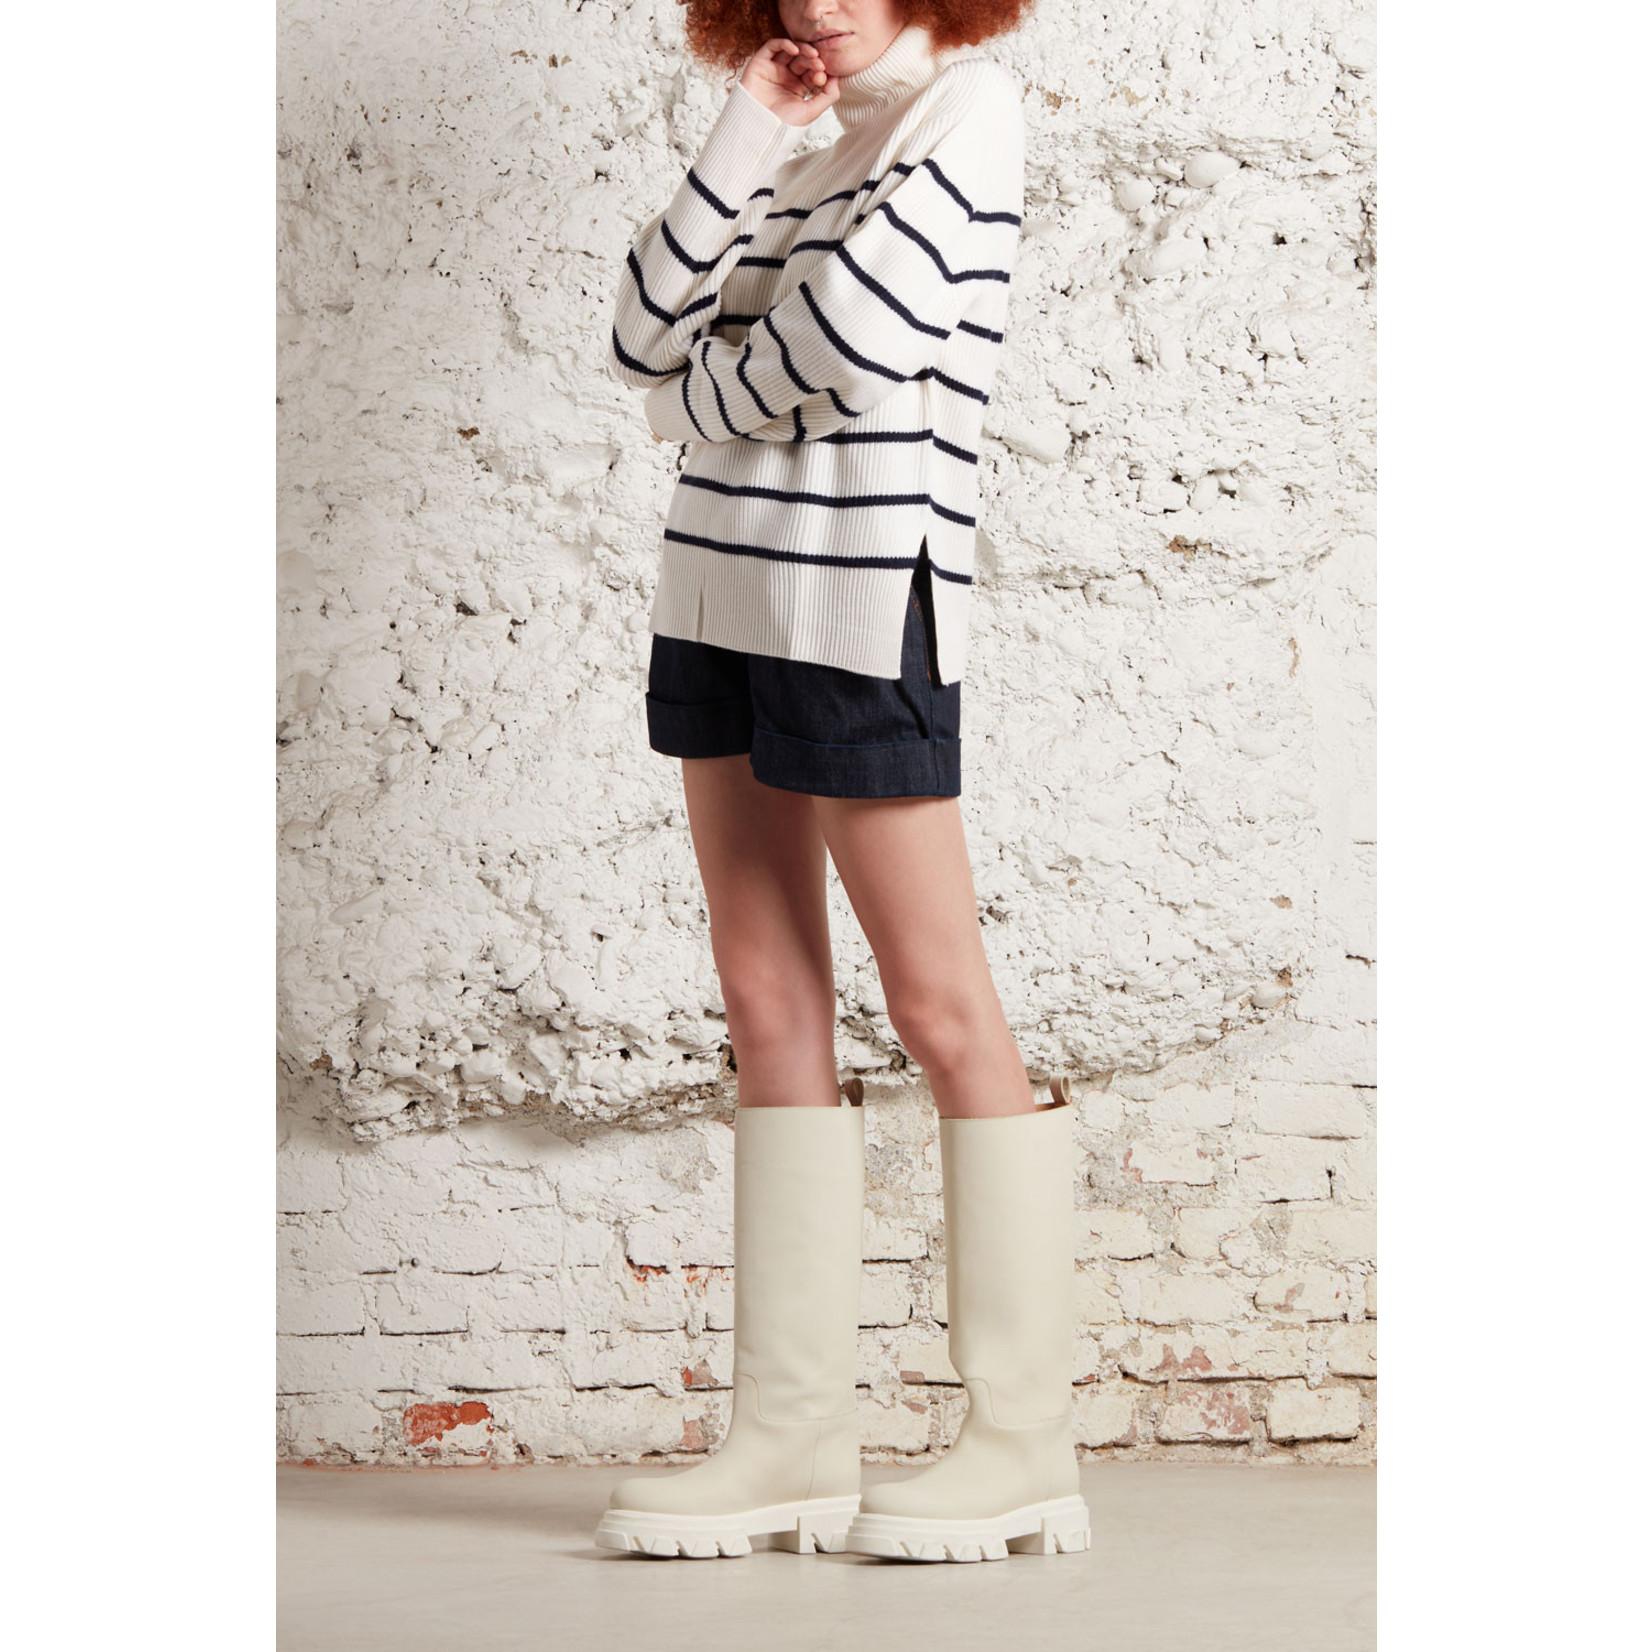 P.A.R.O.S.H. Sweater 43095